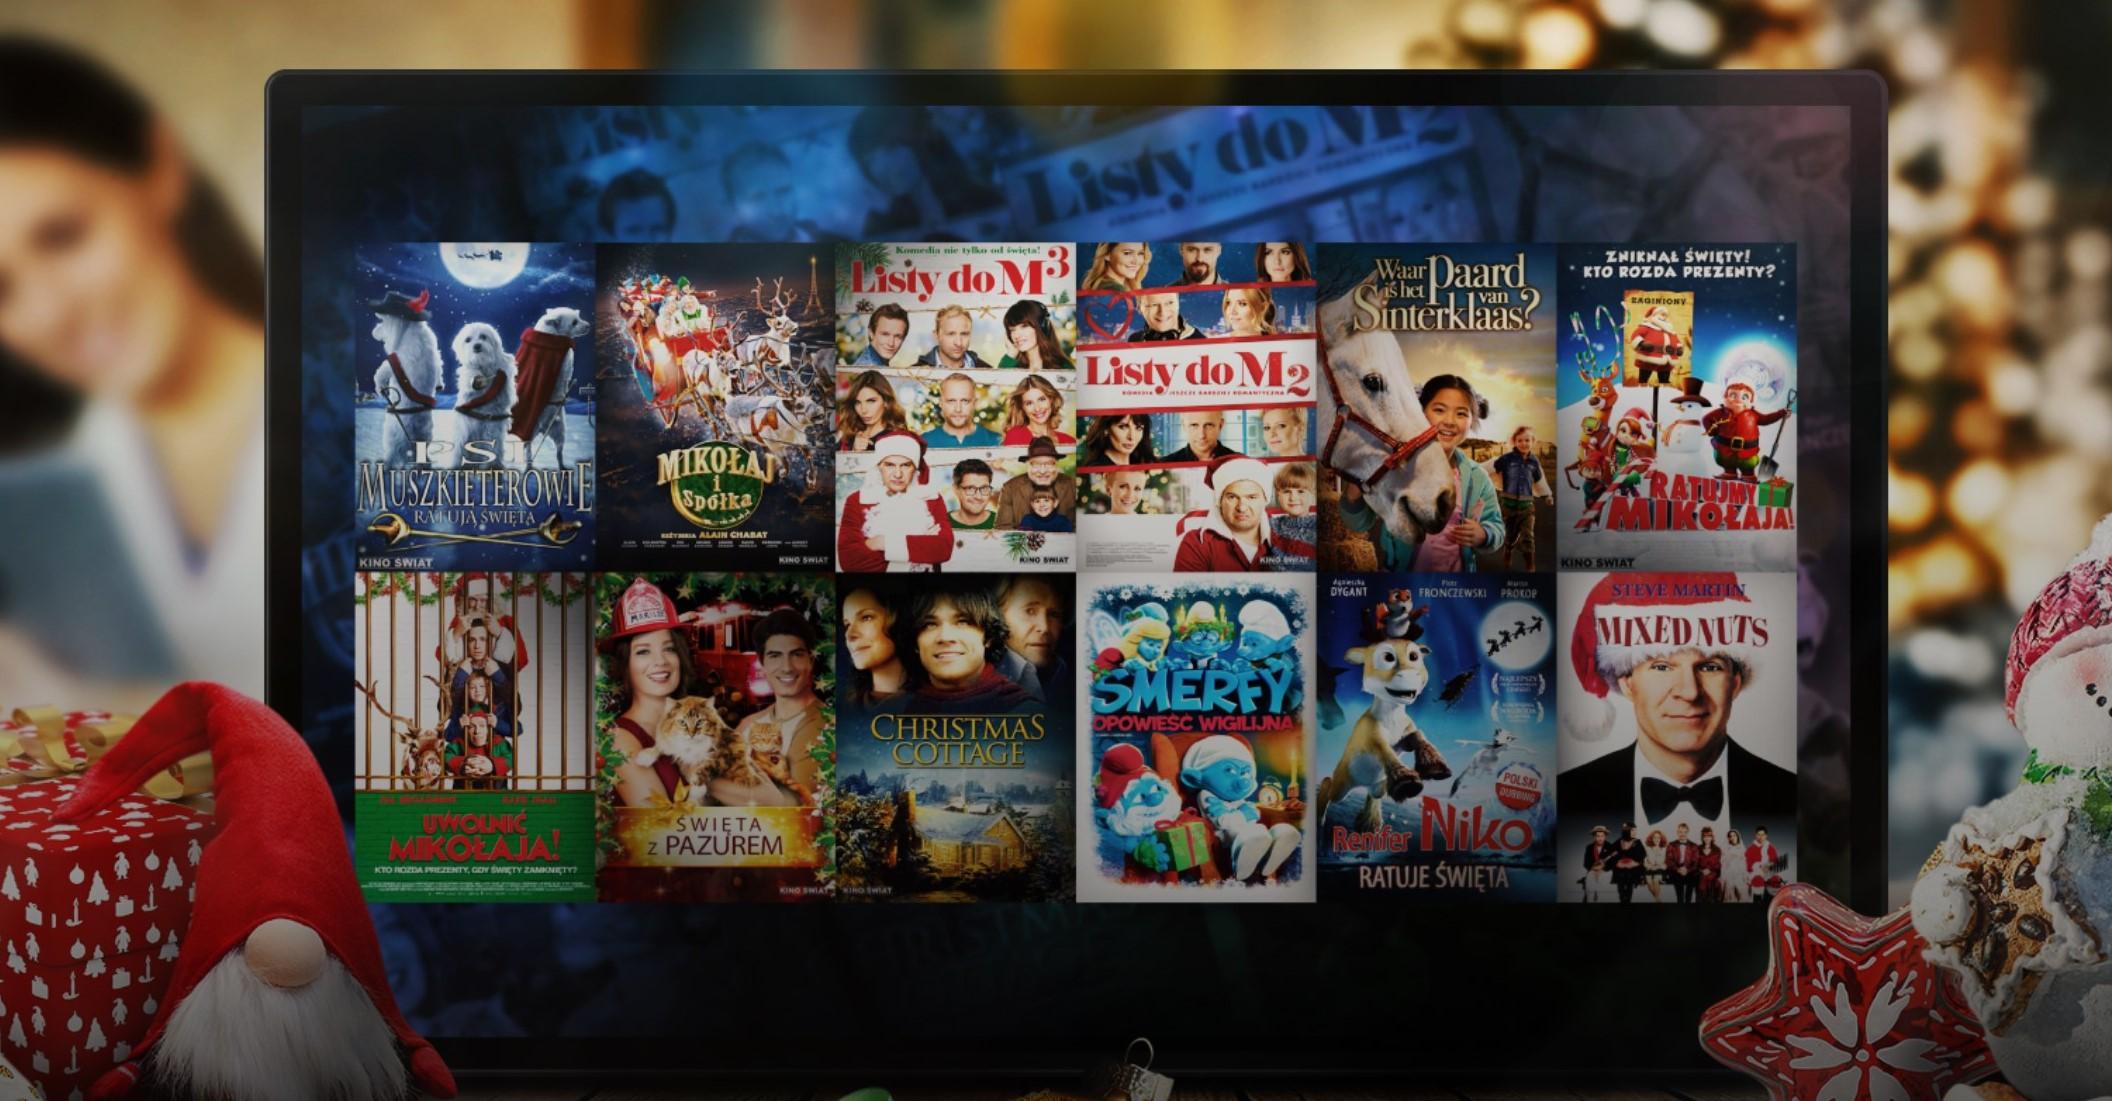 Za filmy na IPLA oglądane na Android TV, zapłacisz teraz za pomocą BLIKA 25